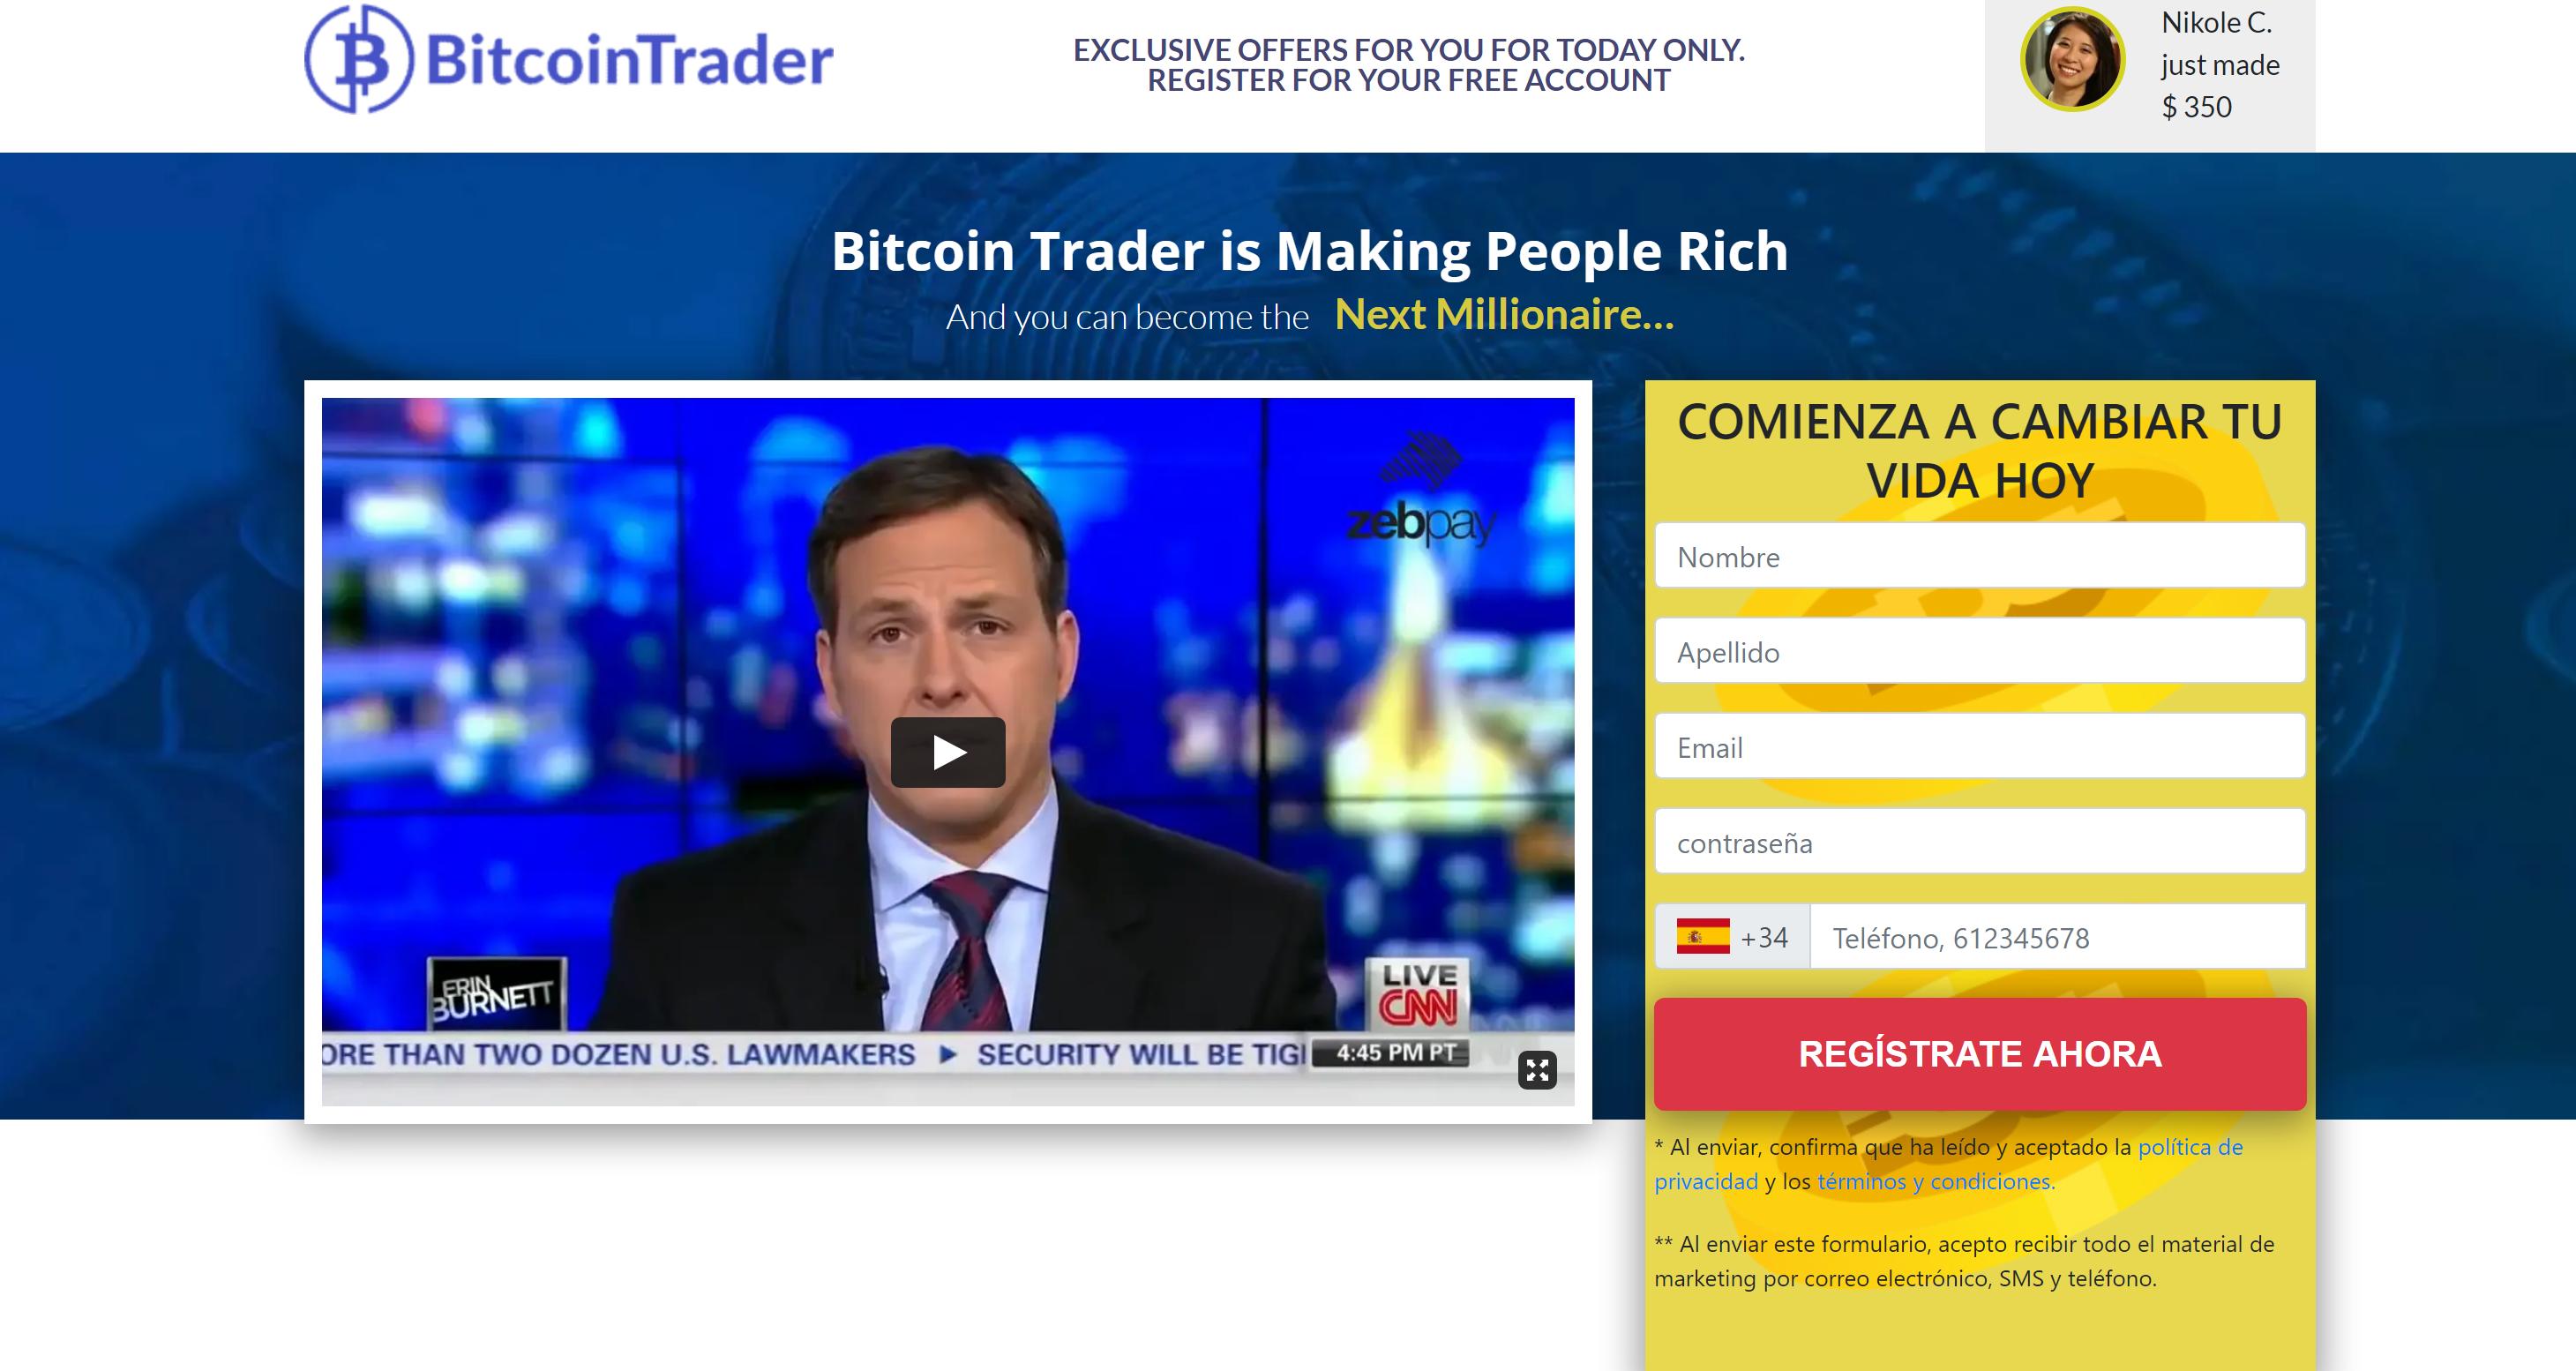 Milyen előnyei vannak a Bitcoin fizetésének? - Bevételek -